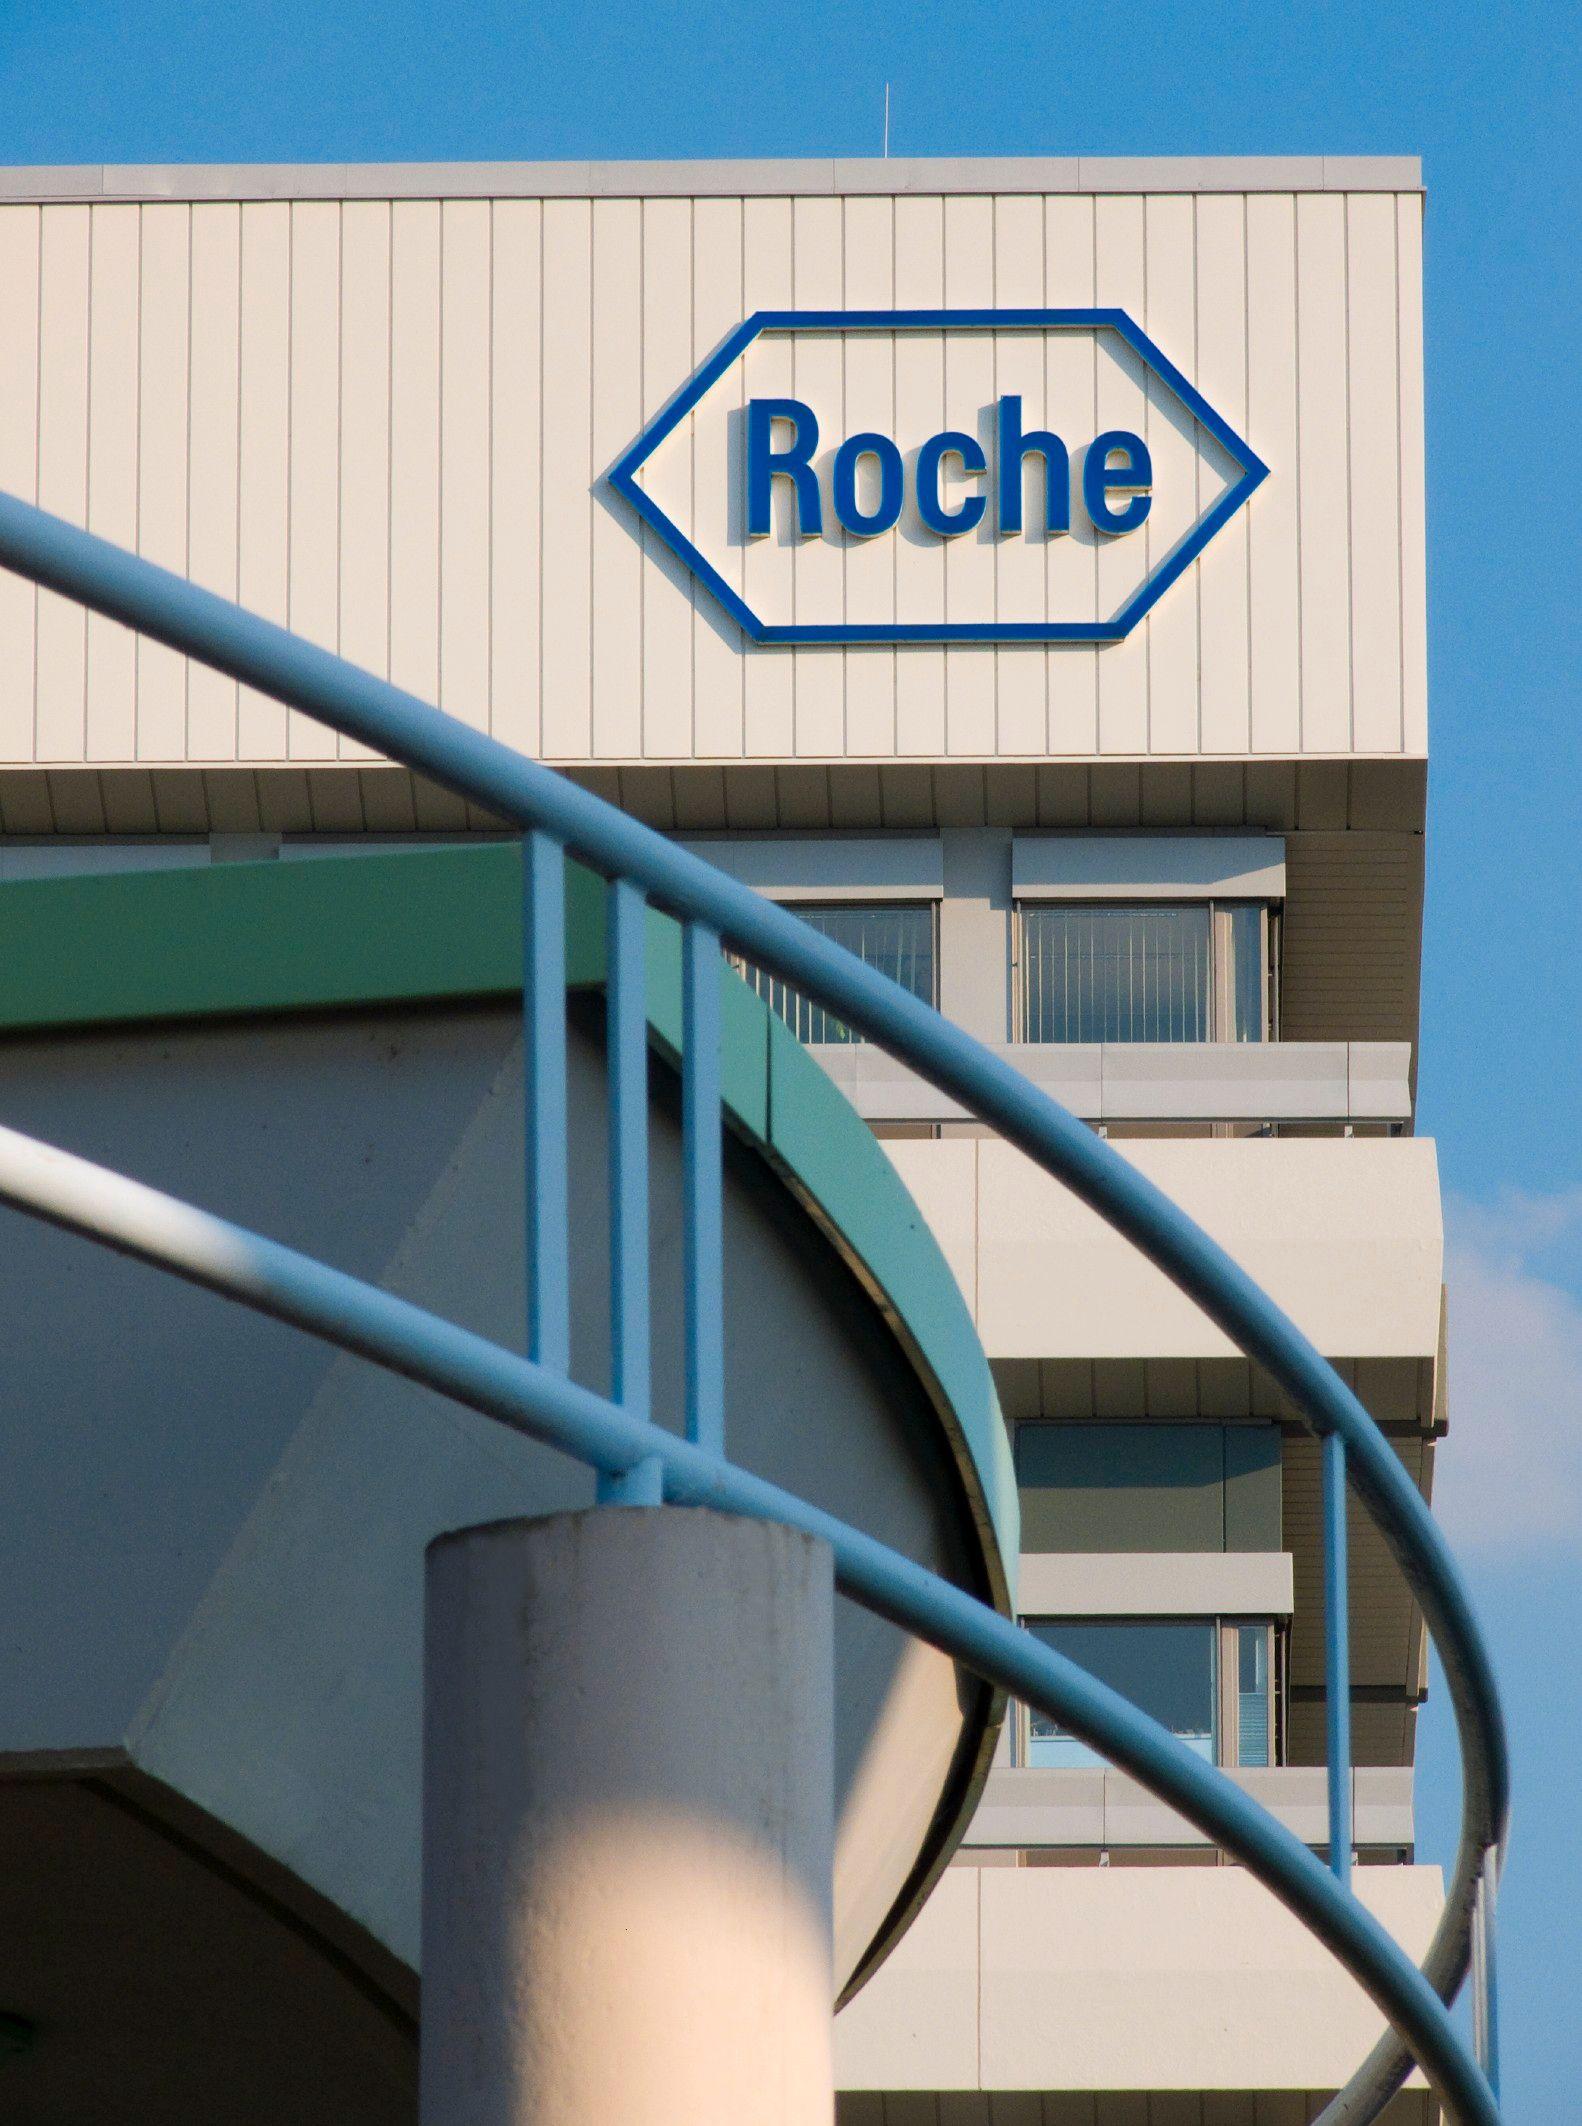 Roche Diagnostics Design Center, Mannheim (Roche-Logo)